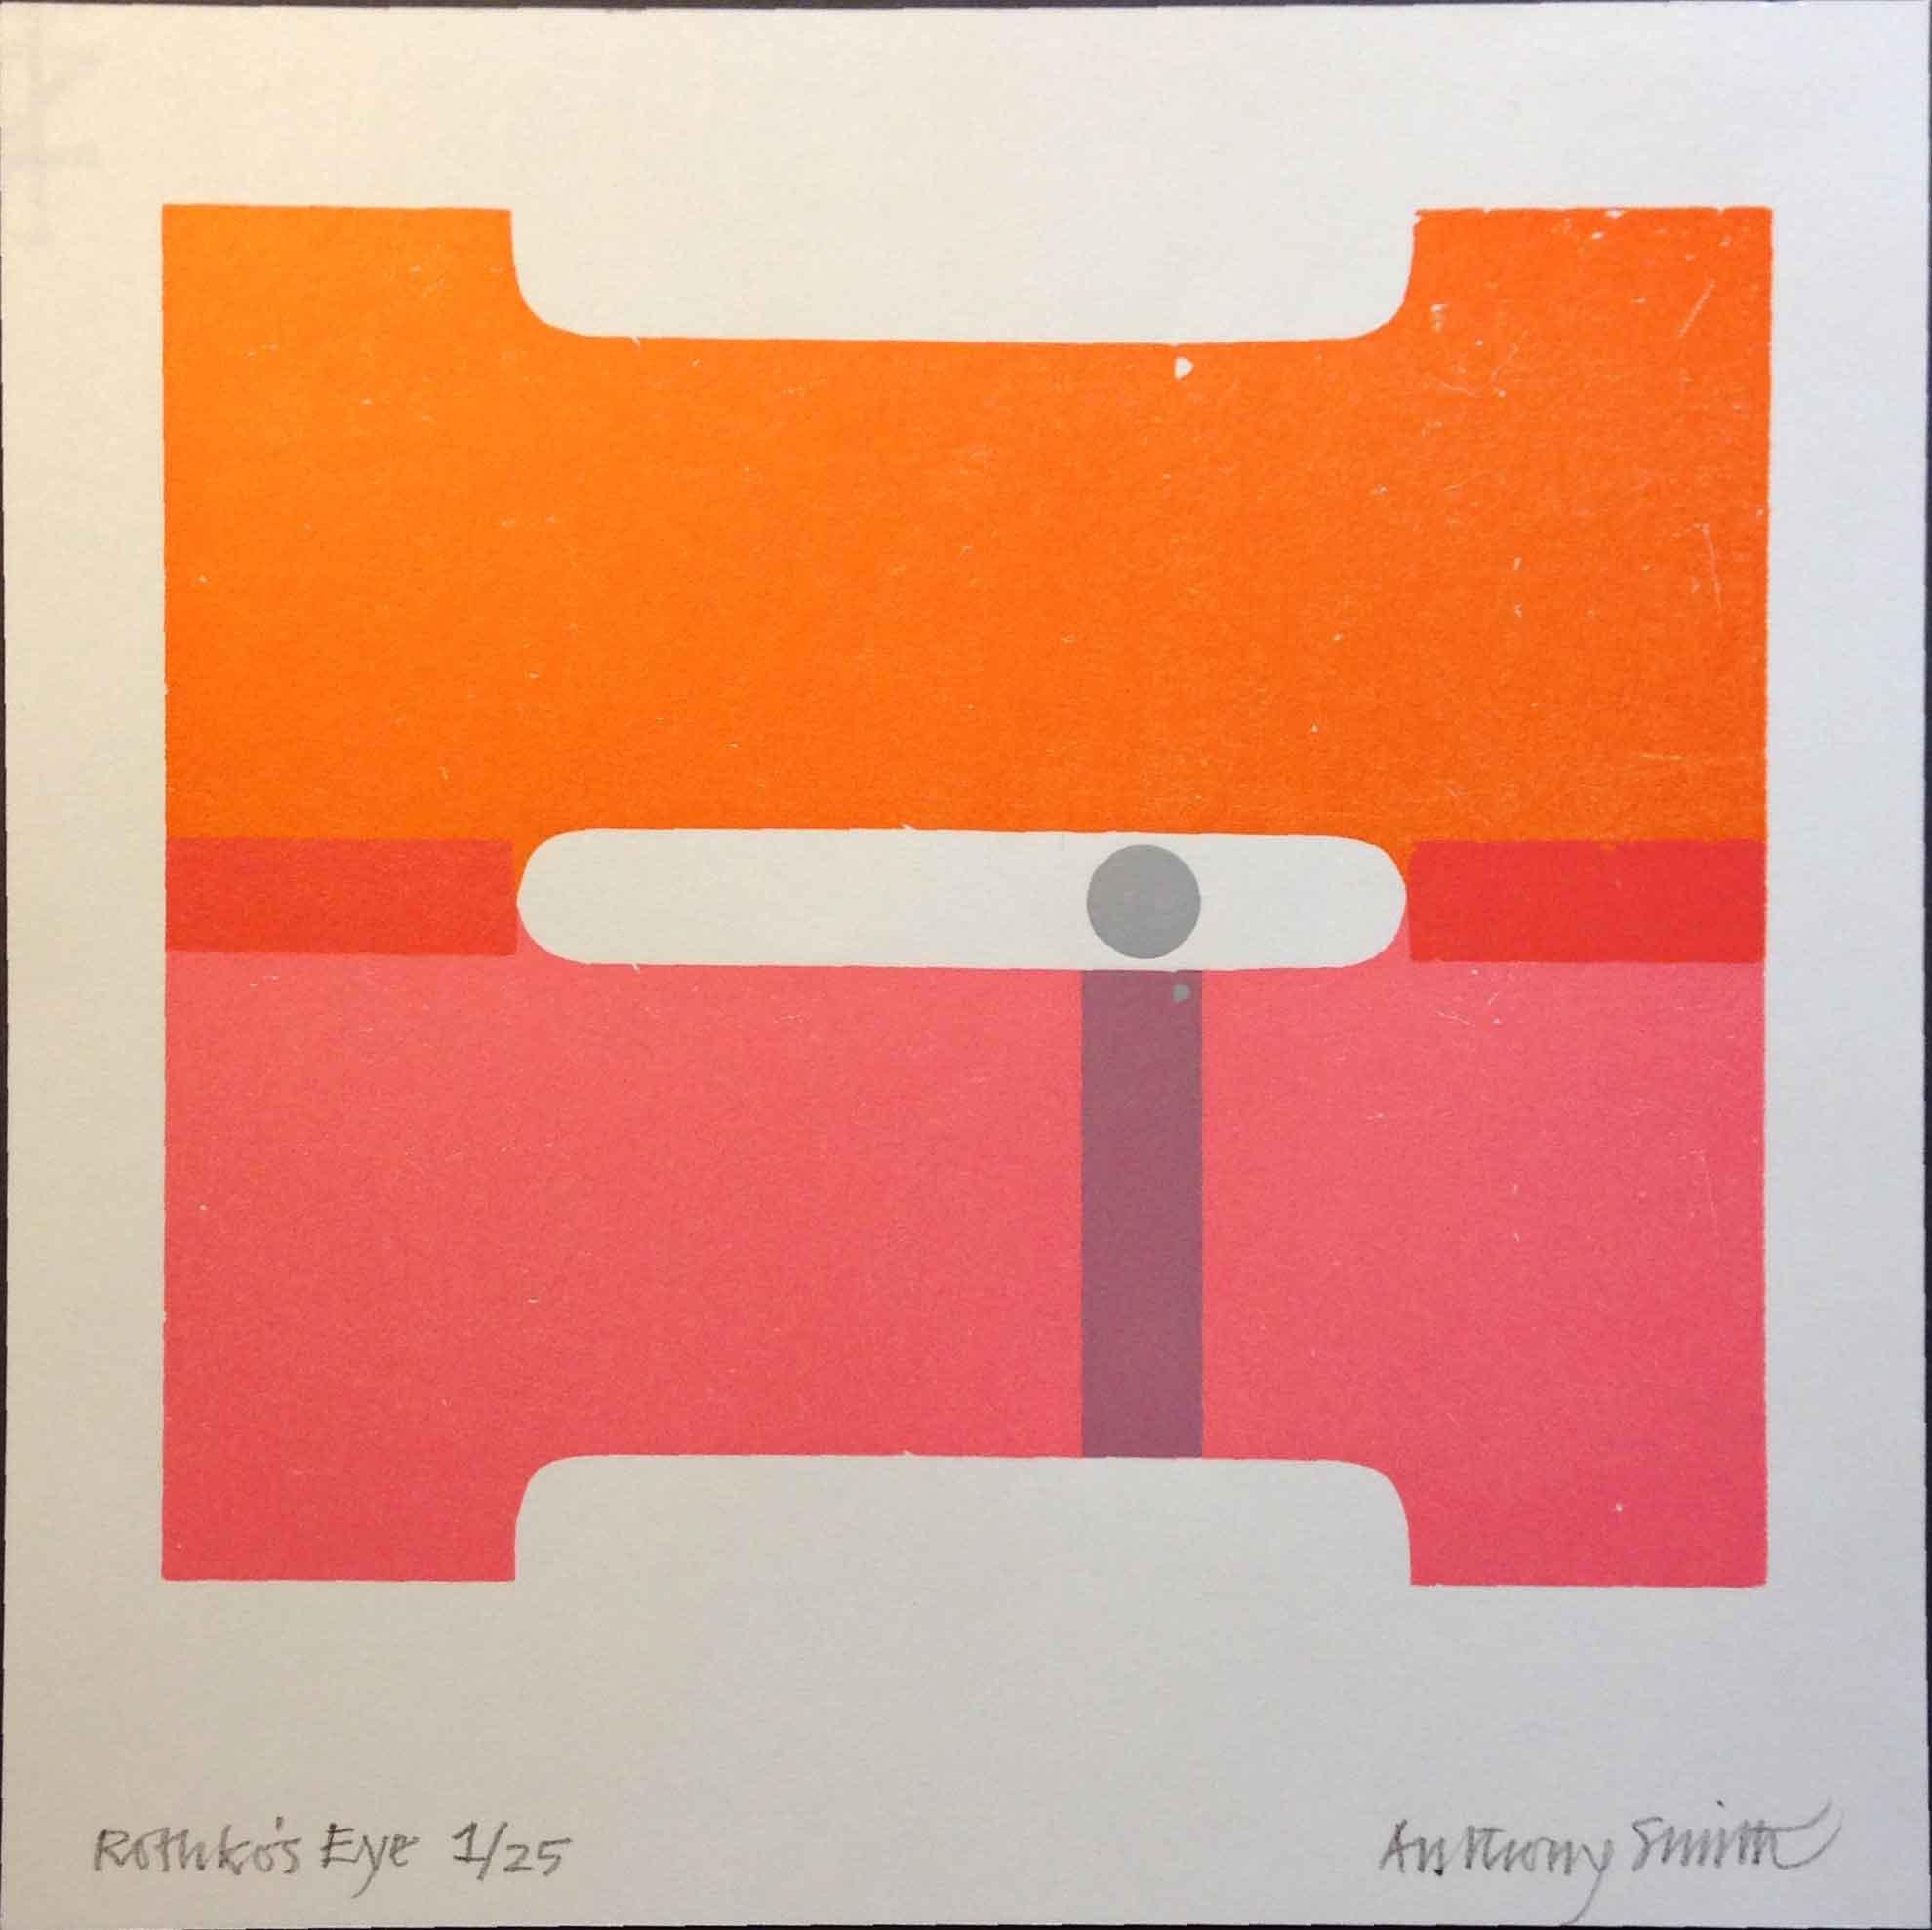 Hazelnut-Press-Anthony-Smith's-Rothko's-